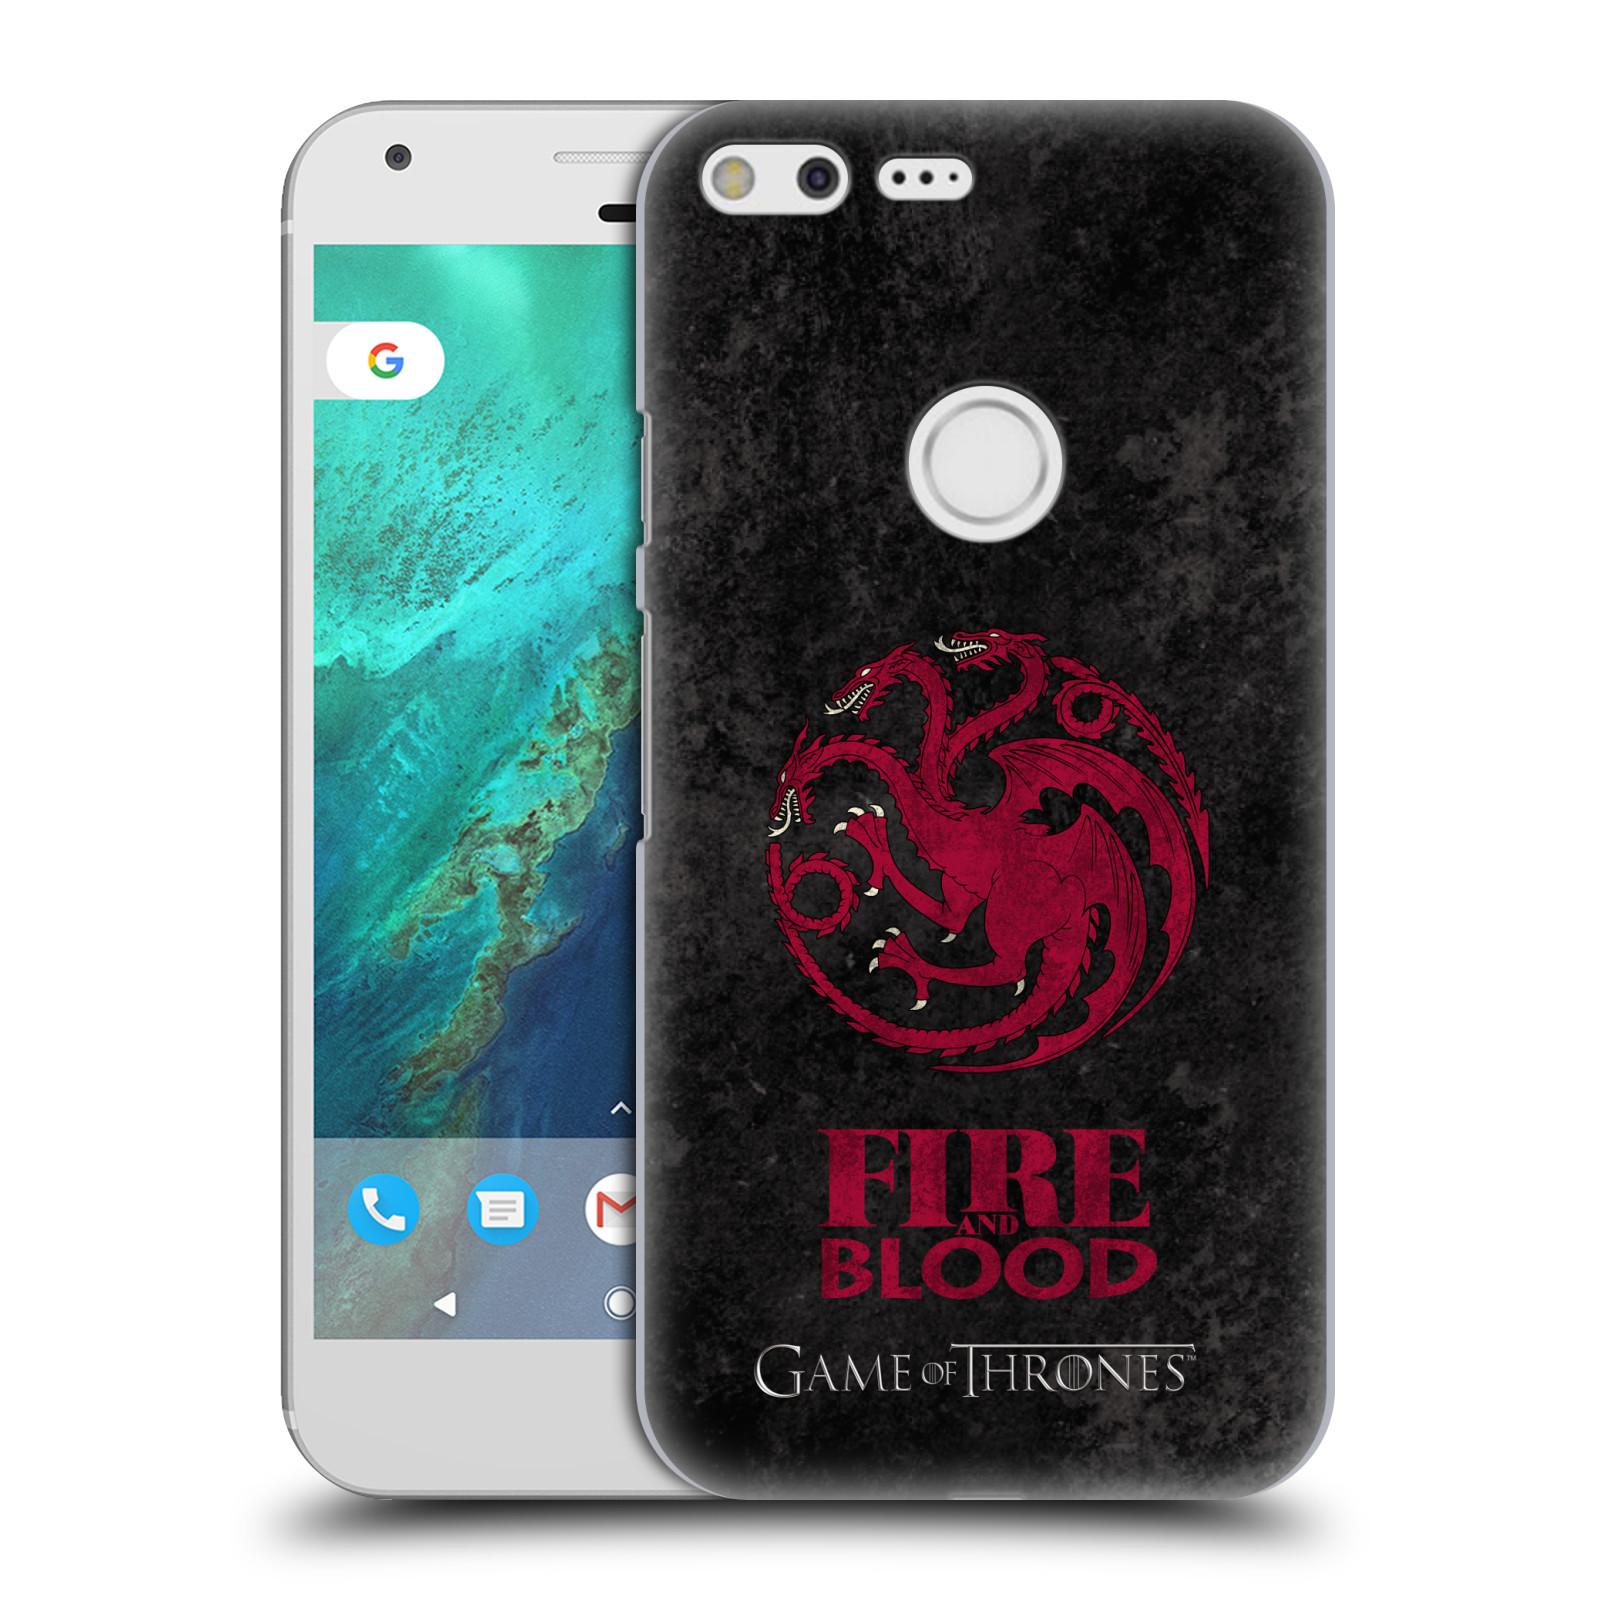 Plastové pouzdro na mobil Google Pixel XL HEAD CASE Hra o trůny - Sigils Targaryen - Fire and Blood (Plastový kryt či obal na mobilní telefon s licencovaným motivem Hra o trůny - Game Of Thrones pro Google Pixel XL)